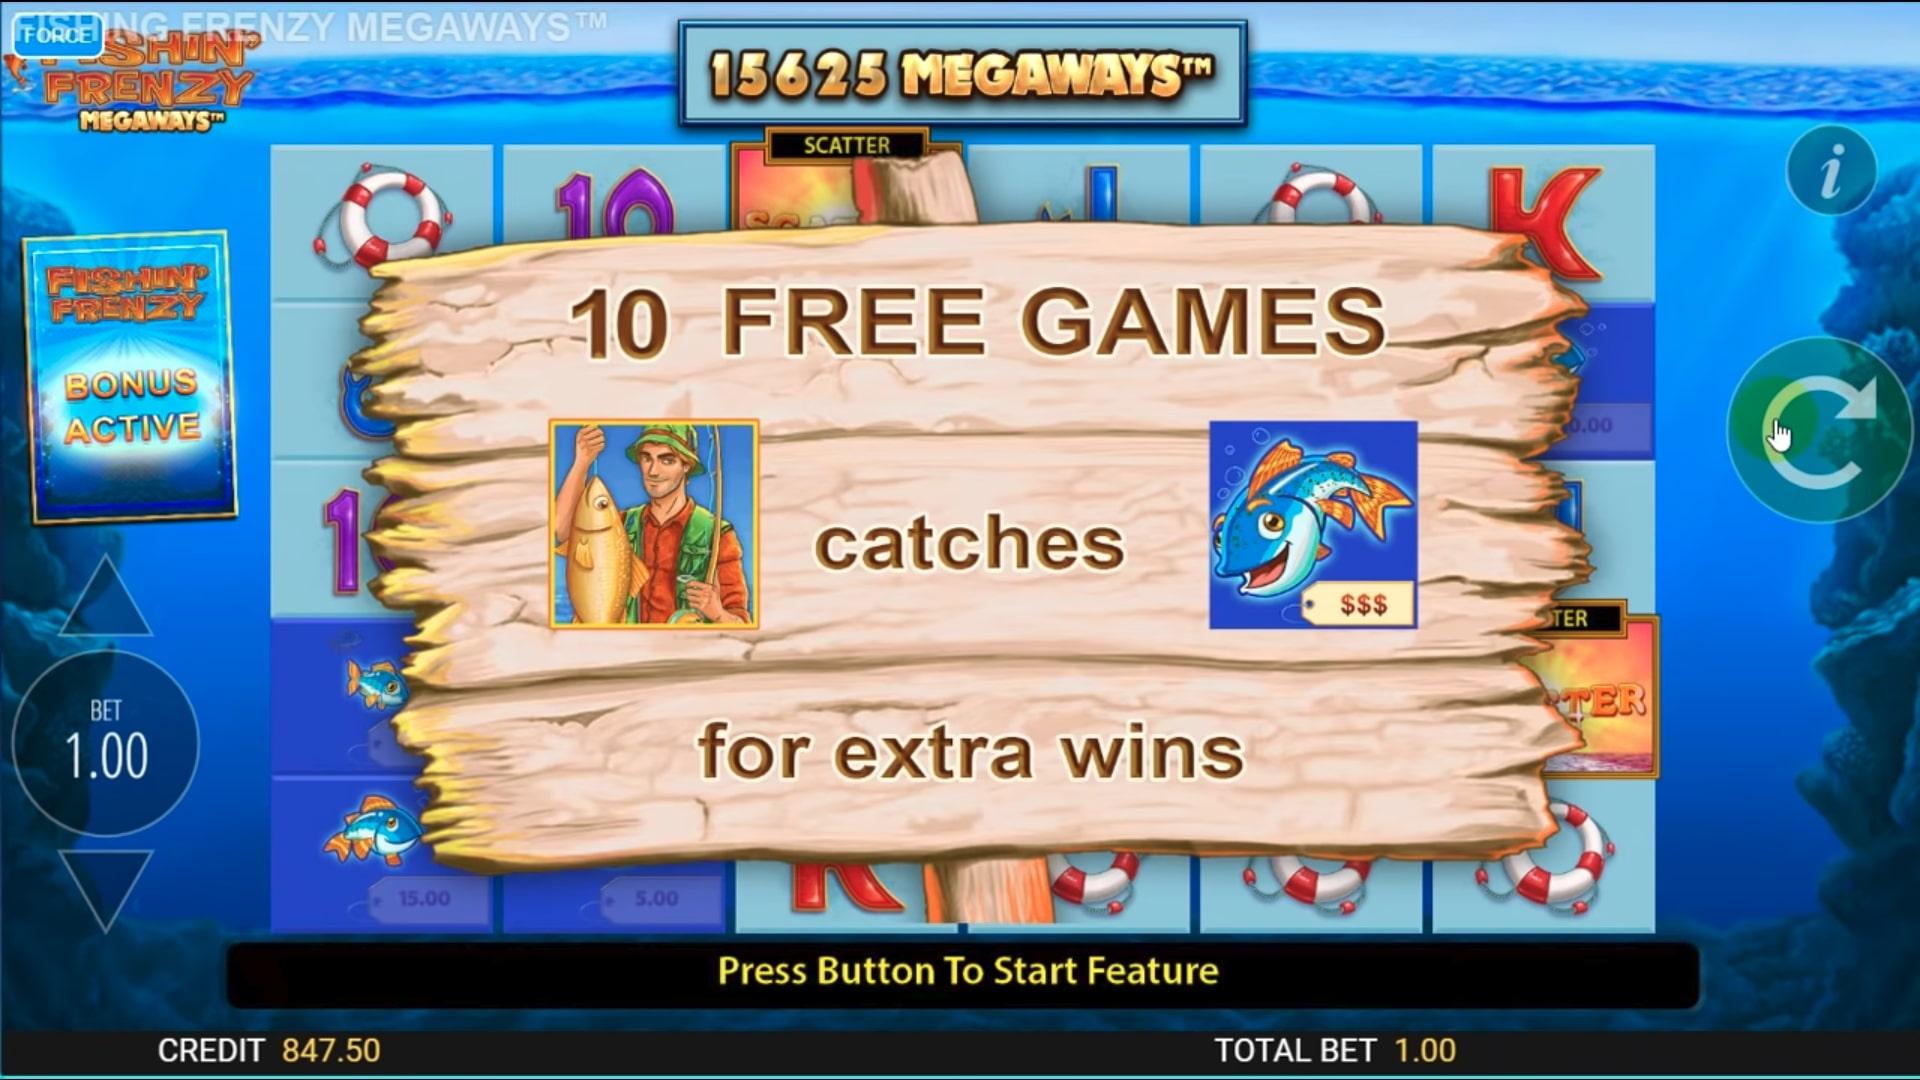 Fishin Frenzy MegaWays Bonus Games